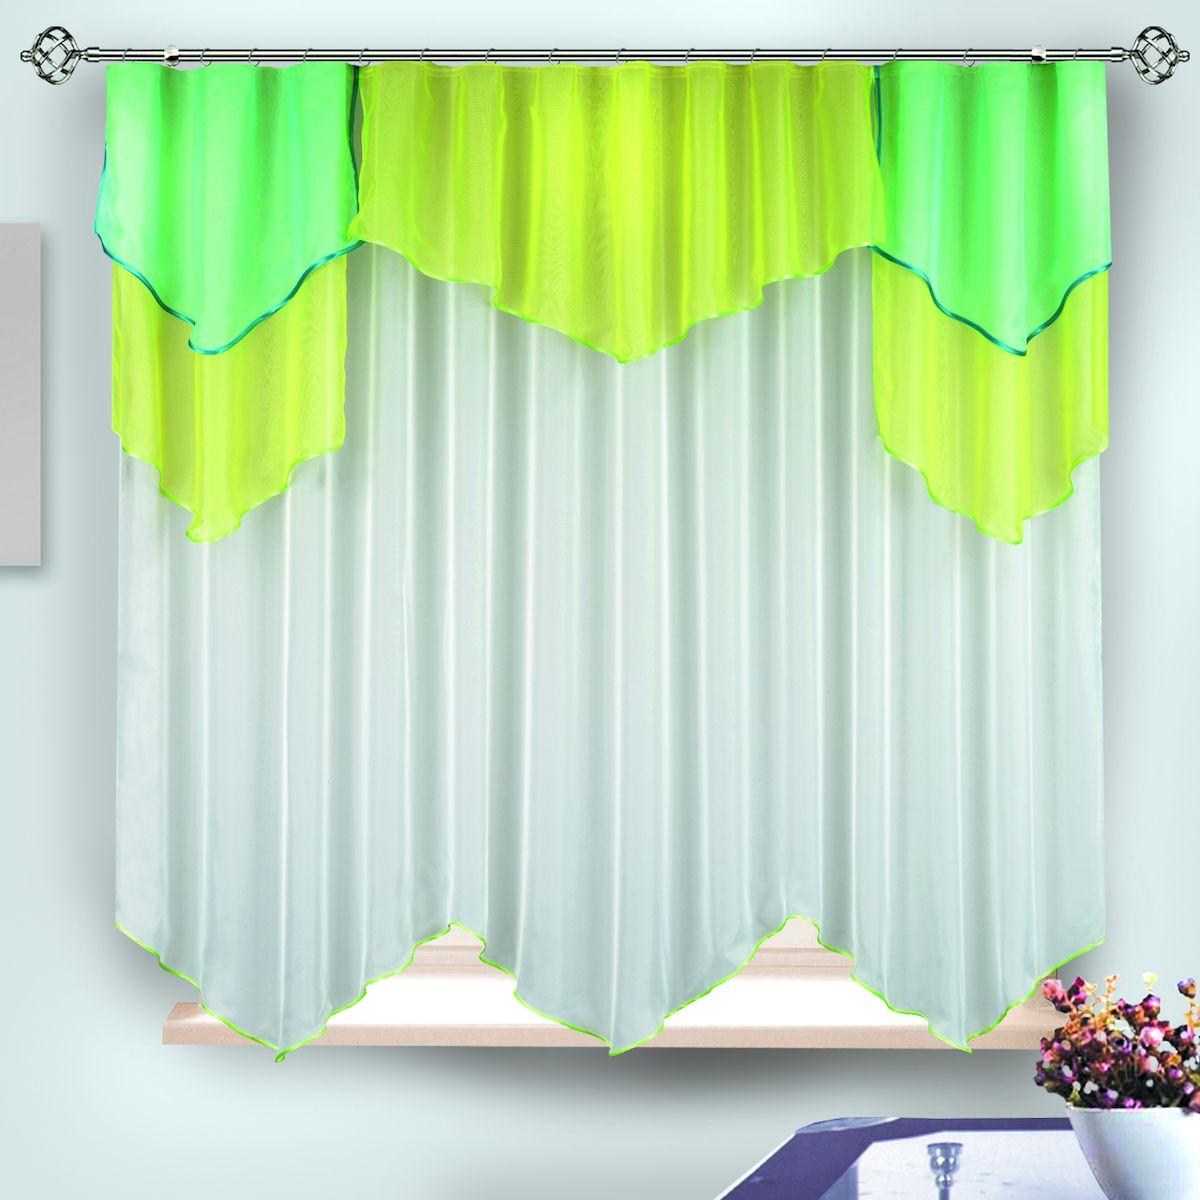 Комплект штор для кухни Zlata Korunka, на ленте, цвет: желтый, зеленый, белый, высота 170 см. 333393111286614Комплект штор для кухни Zlata Korunka, выполненный из полиэстера, великолепно украсит любое окно. Комплект состоит из тюля и ламбрекена. Оригинальный крой и приятная цветовая гамма привлекут к себе внимание и органично впишутся в интерьер помещения. Этот комплект будет долгое время радовать вас и вашу семью!Комплект крепится на карниз при помощи ленты, которая поможет красиво и равномерно задрапировать верх.В комплект входит: Ламбрекен: 1 шт. Размер (Ш х В): 280 х 85 см. Тюль: 1 шт. Размер (Ш х В): 280 х 170 см.